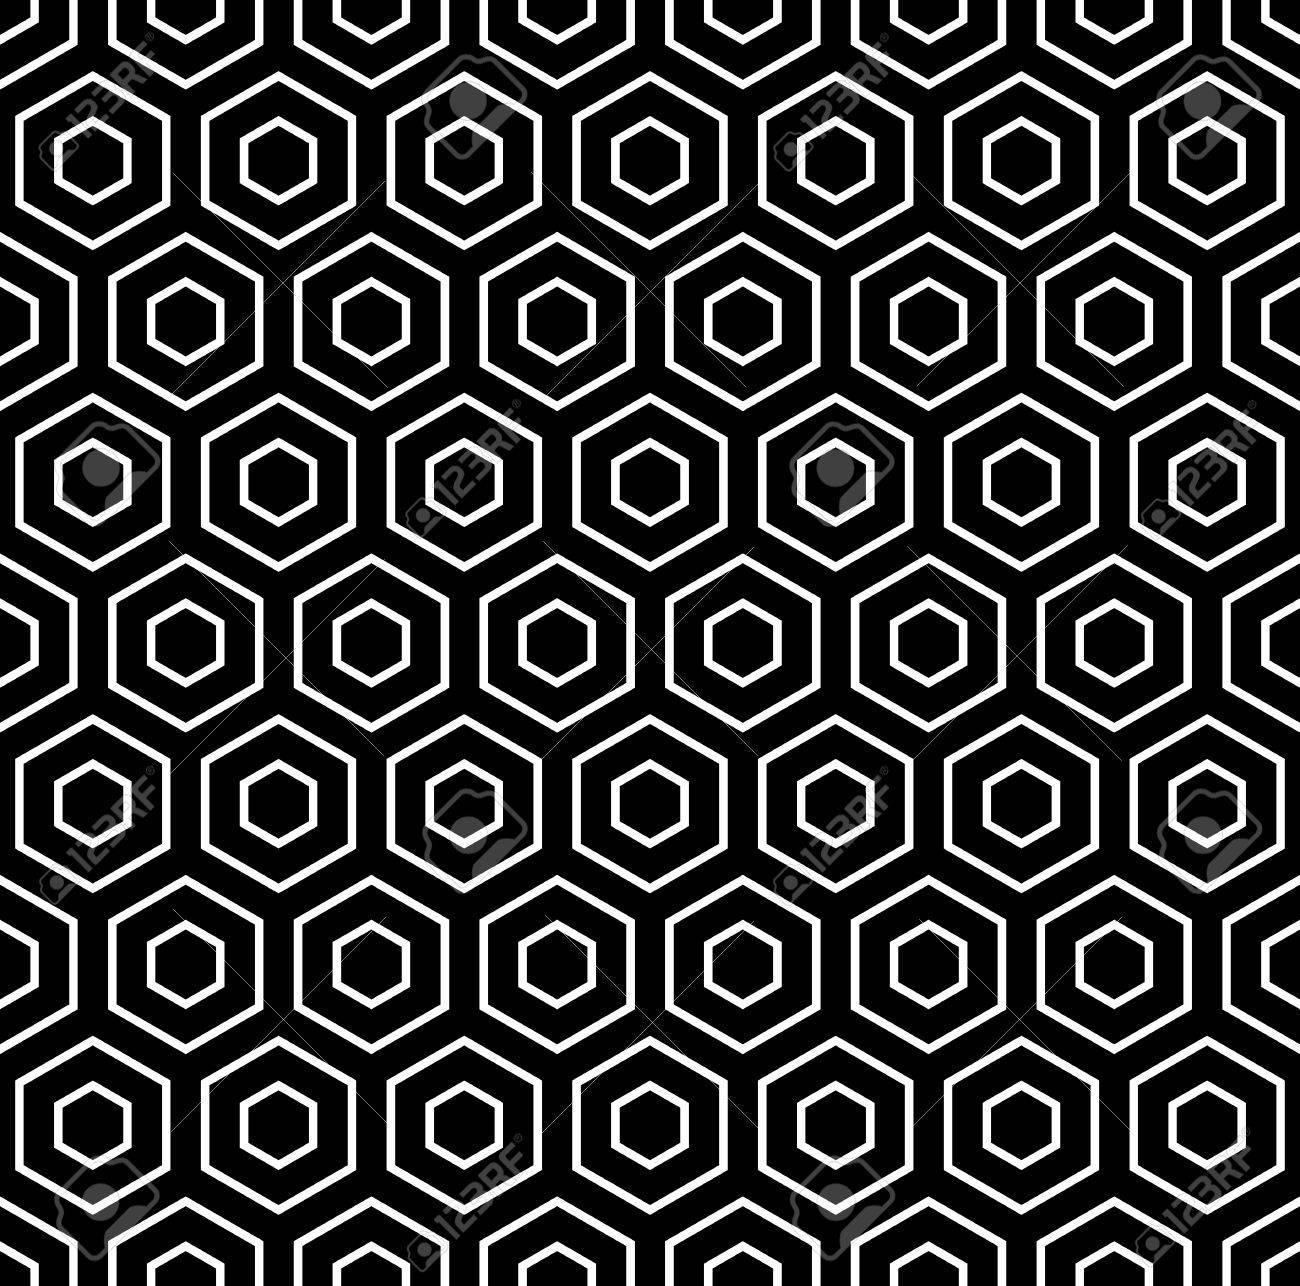 Hexagons texture Seamless geometric pattern Vector art - 24090271